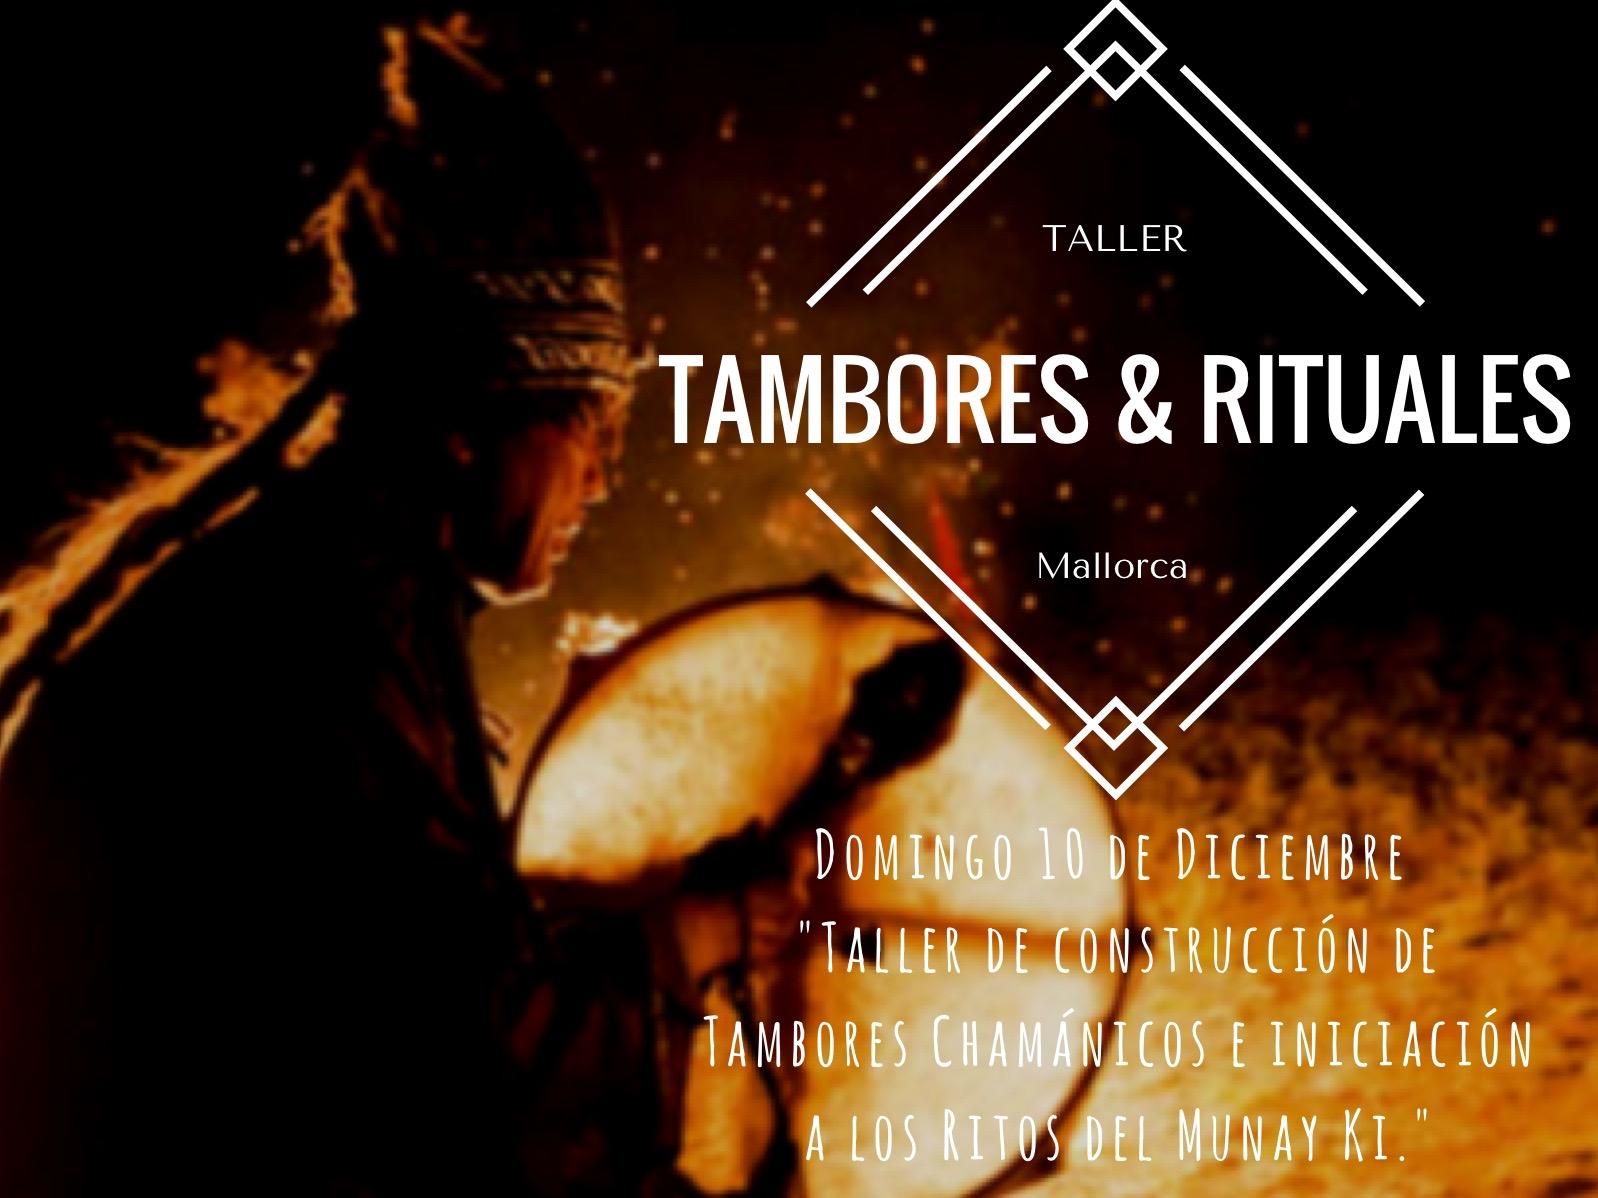 Taller de elaboración de Tambor Chamanico y Rituales